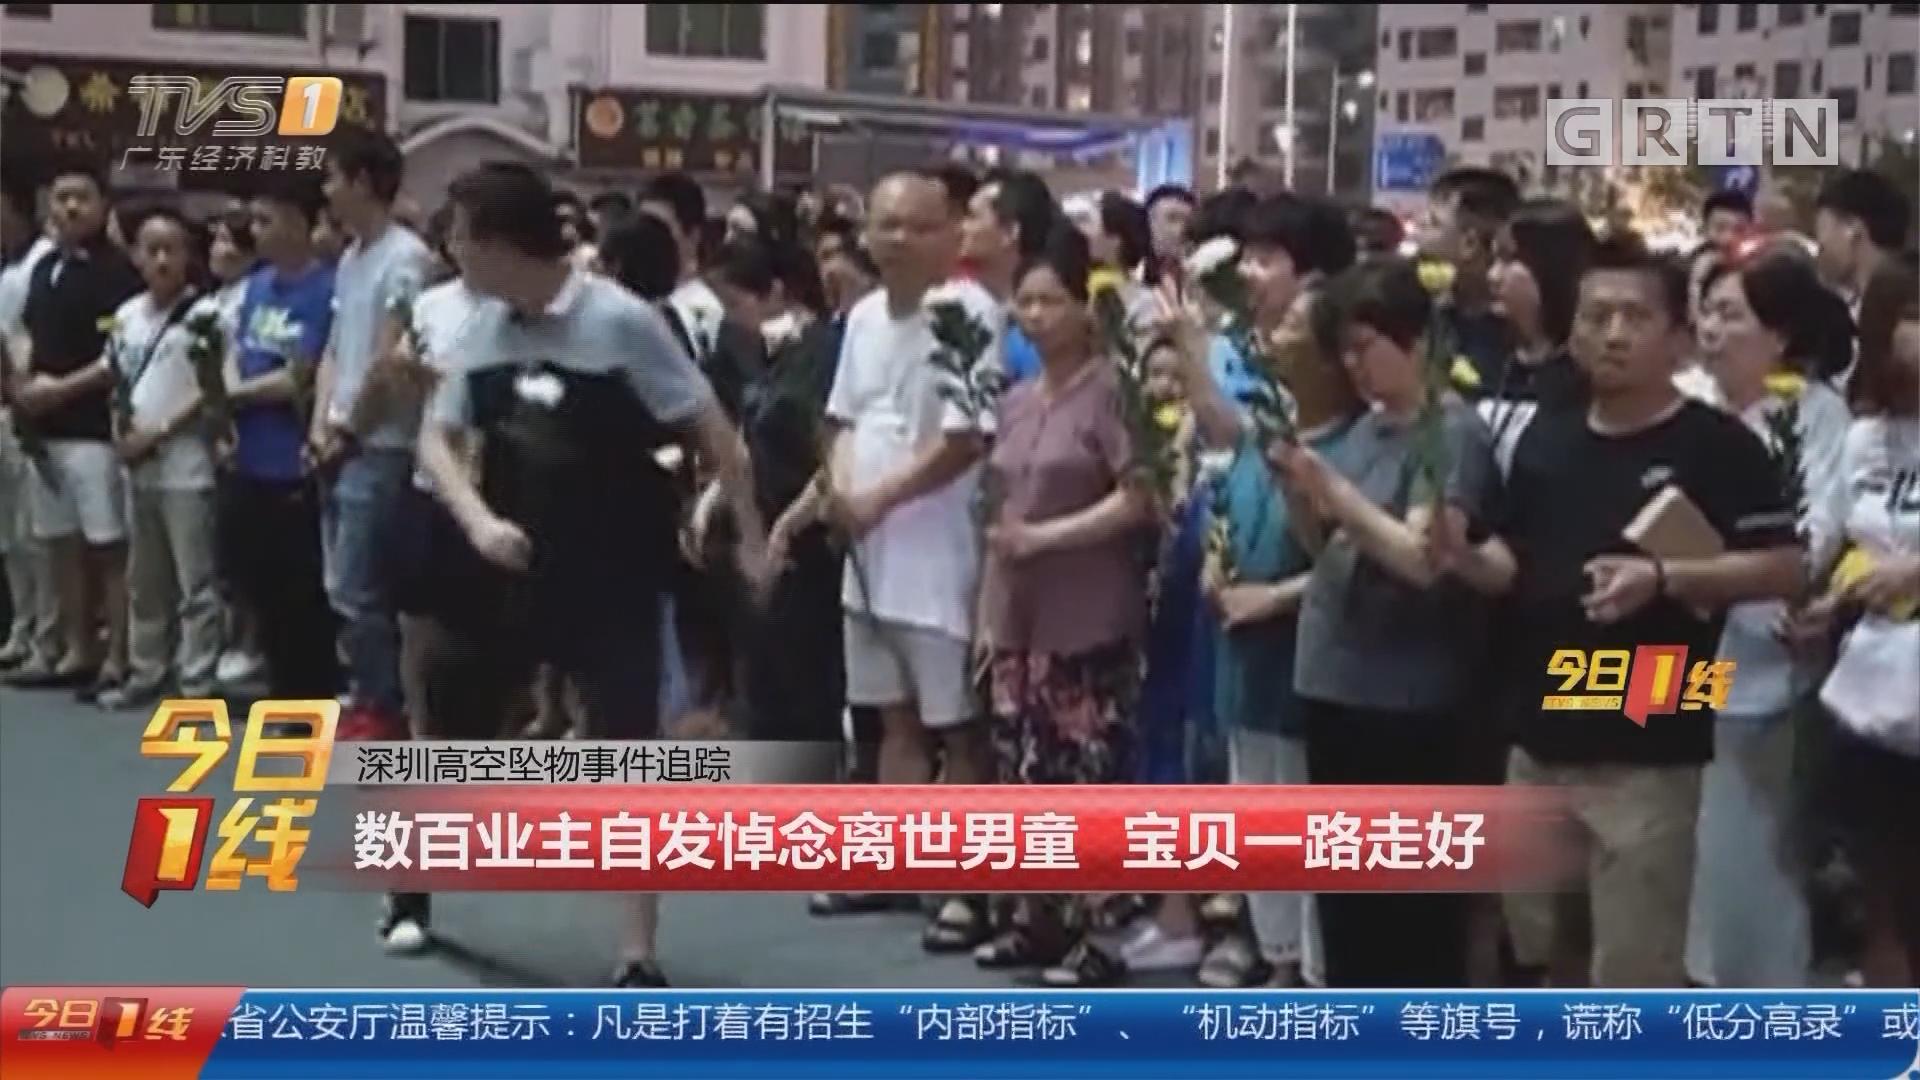 深圳高空坠物事件追踪:数百业主自发悼念离世男童 宝贝一路走好